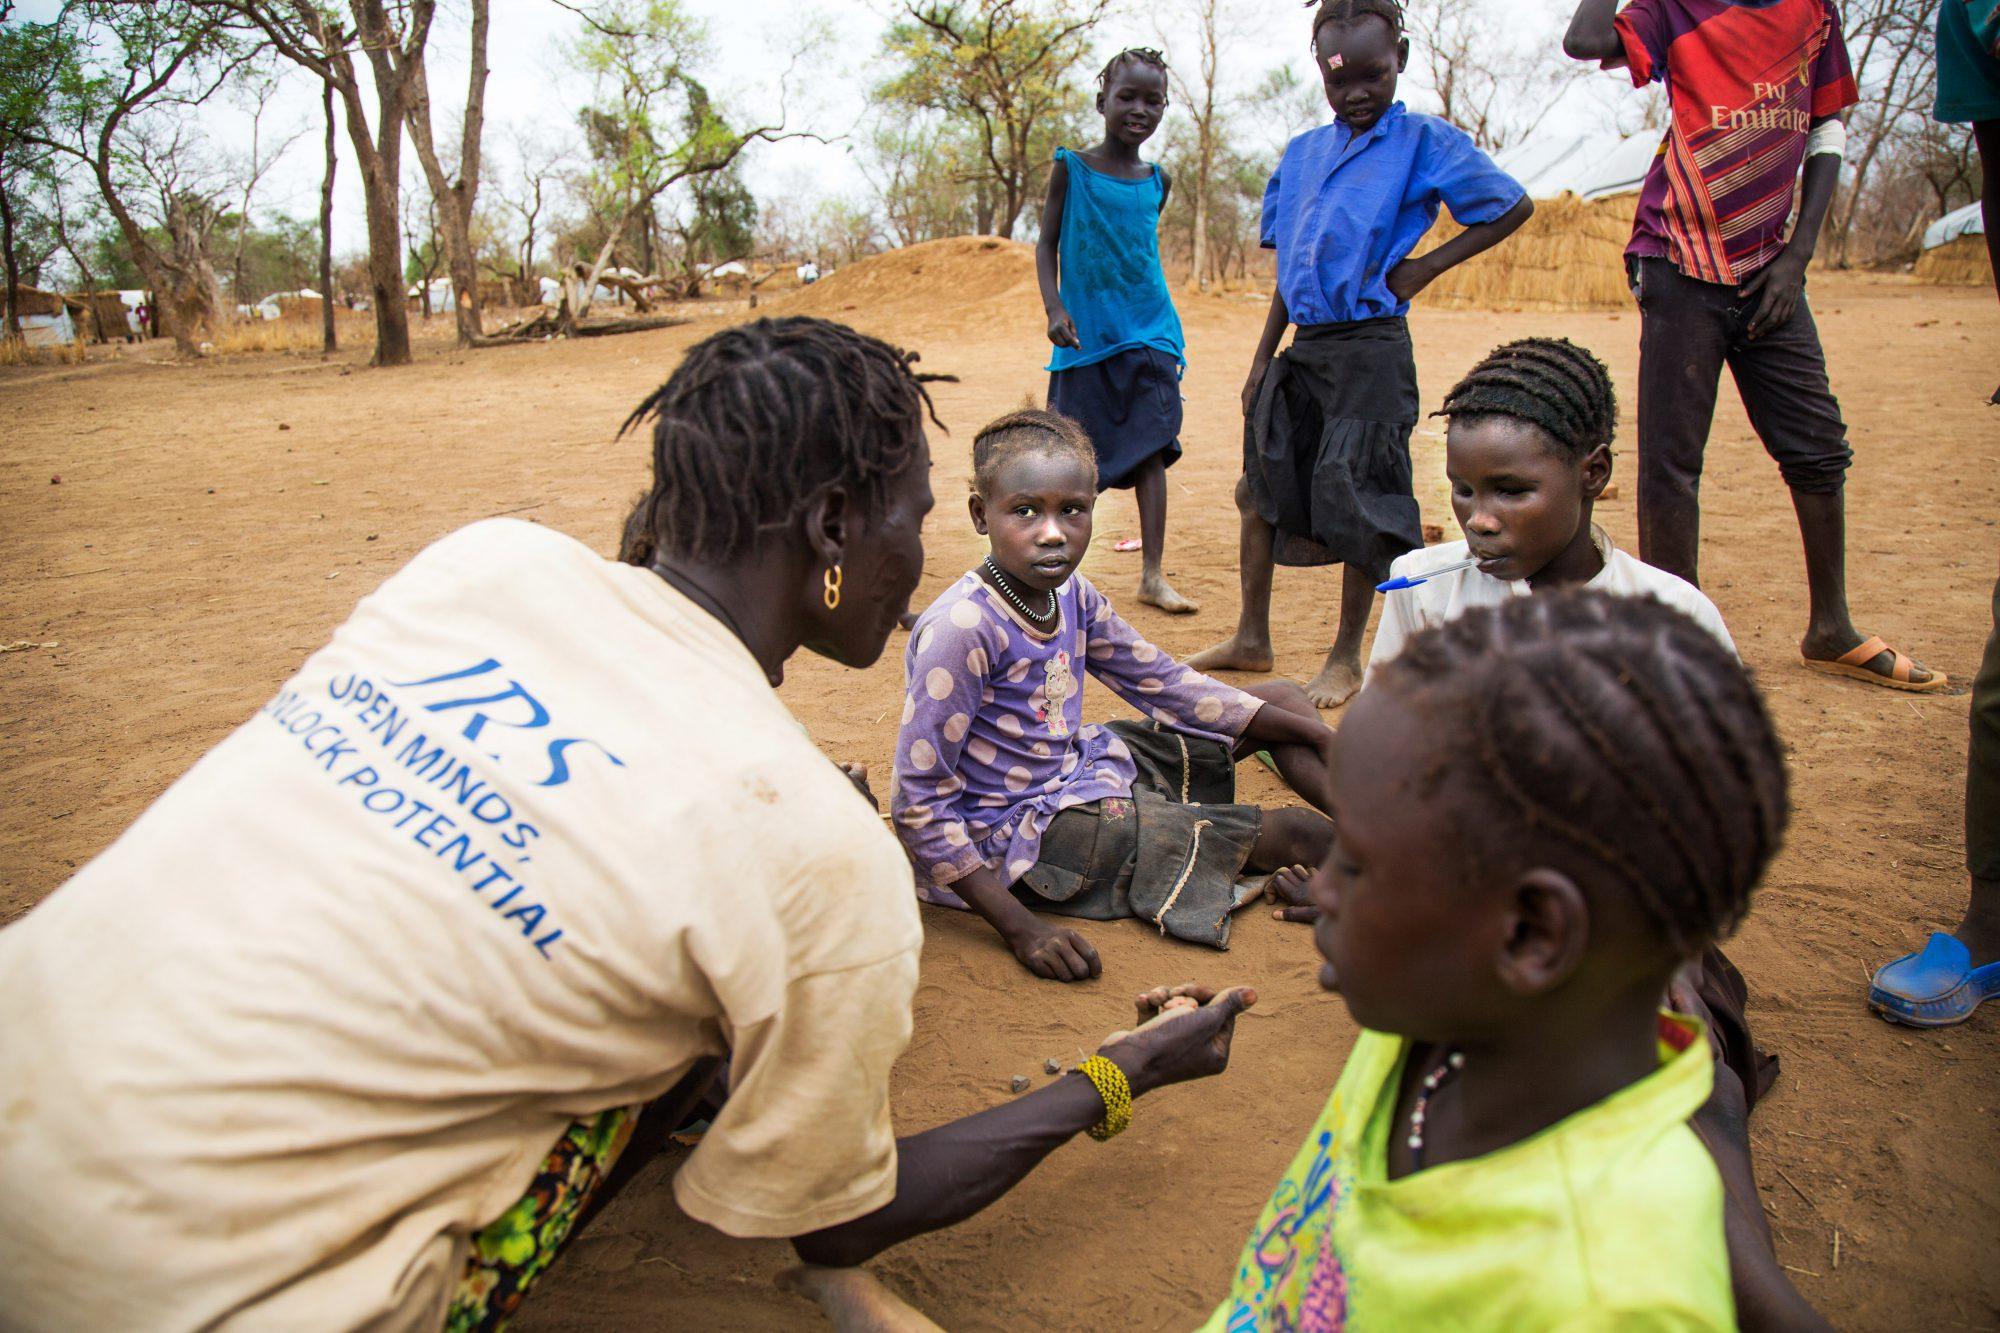 Des enfants jouent pendant une pause à l'école Offra de Maban, au Sud-Soudan.